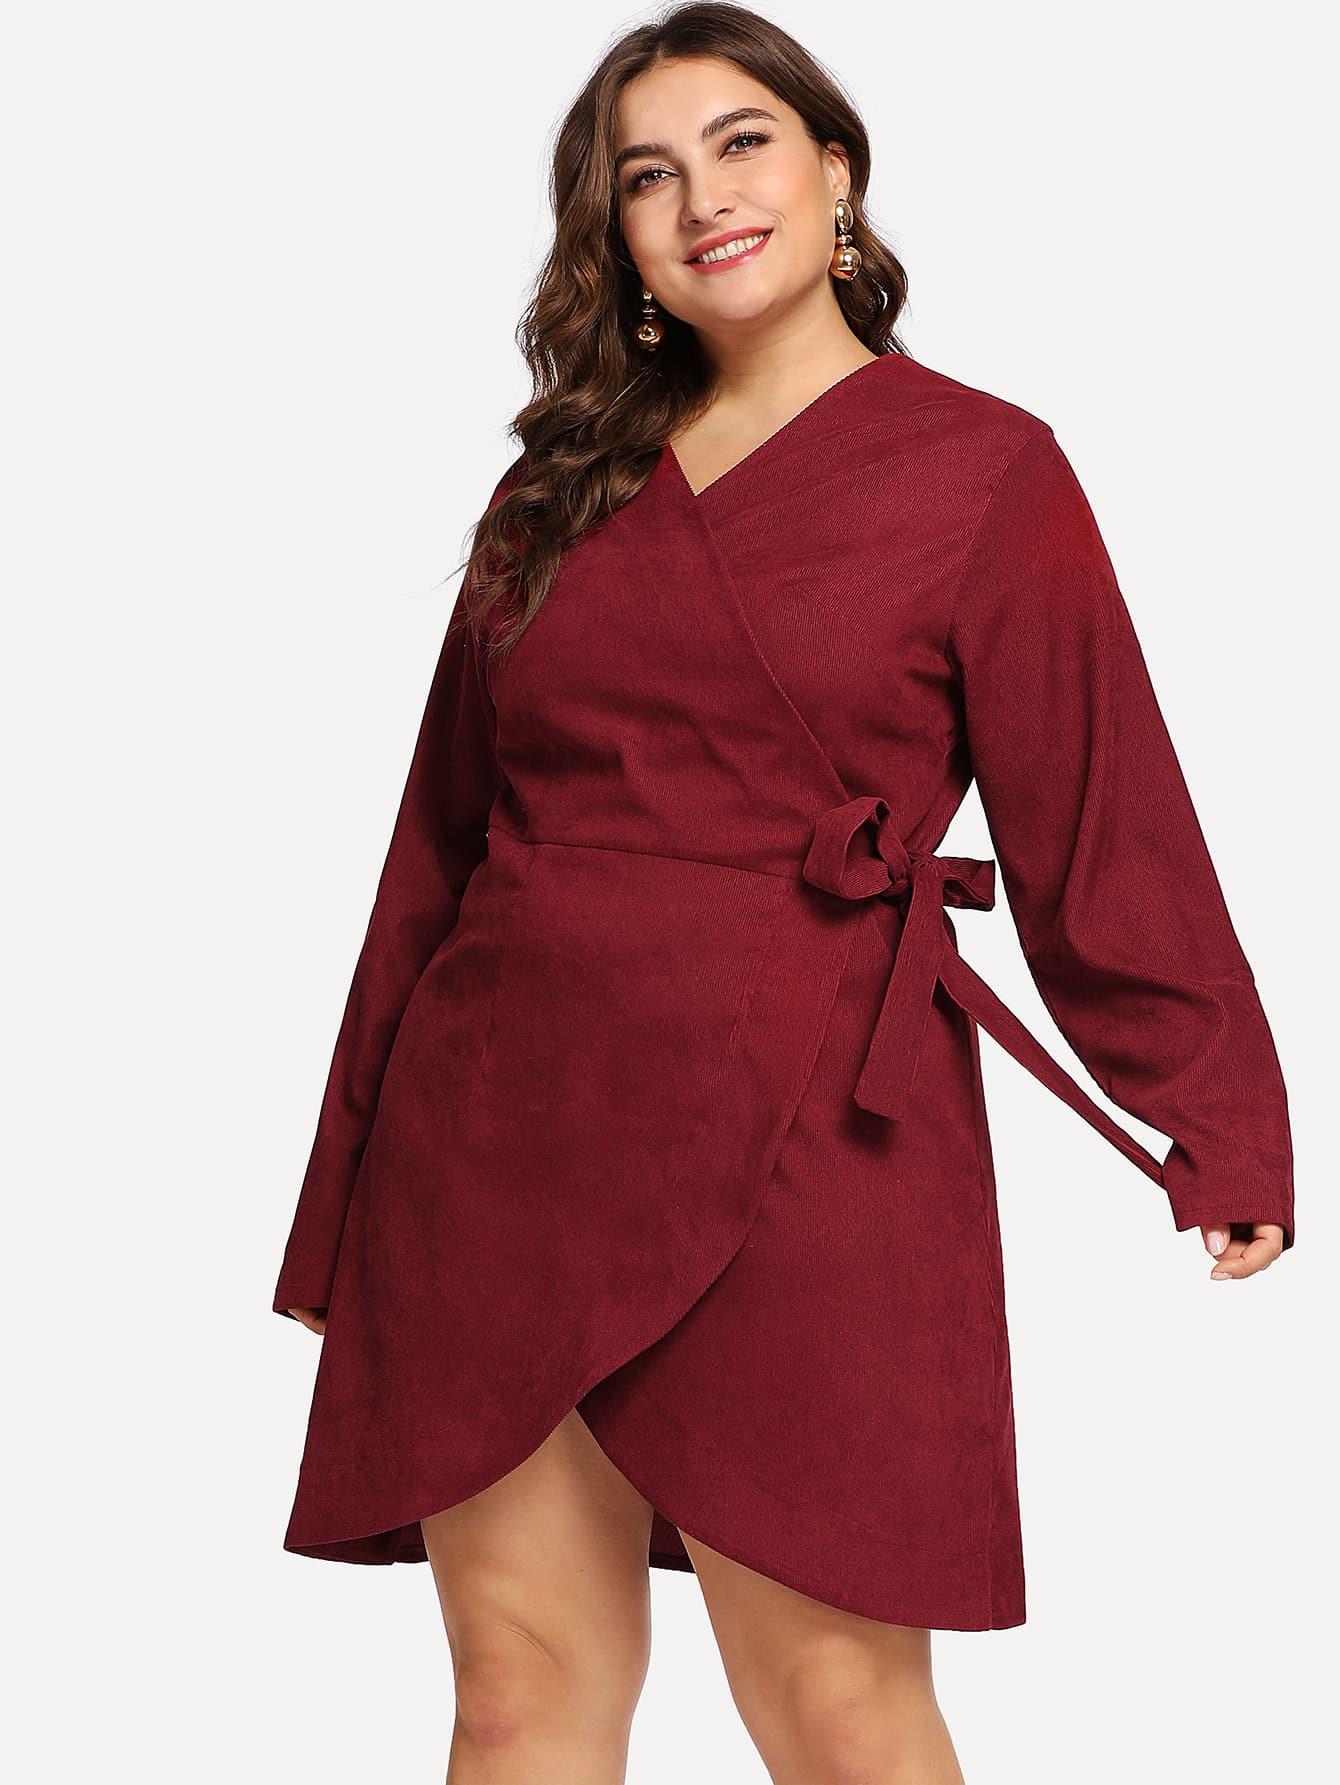 Размер плюс вельветовое платье с глубоким вырезом